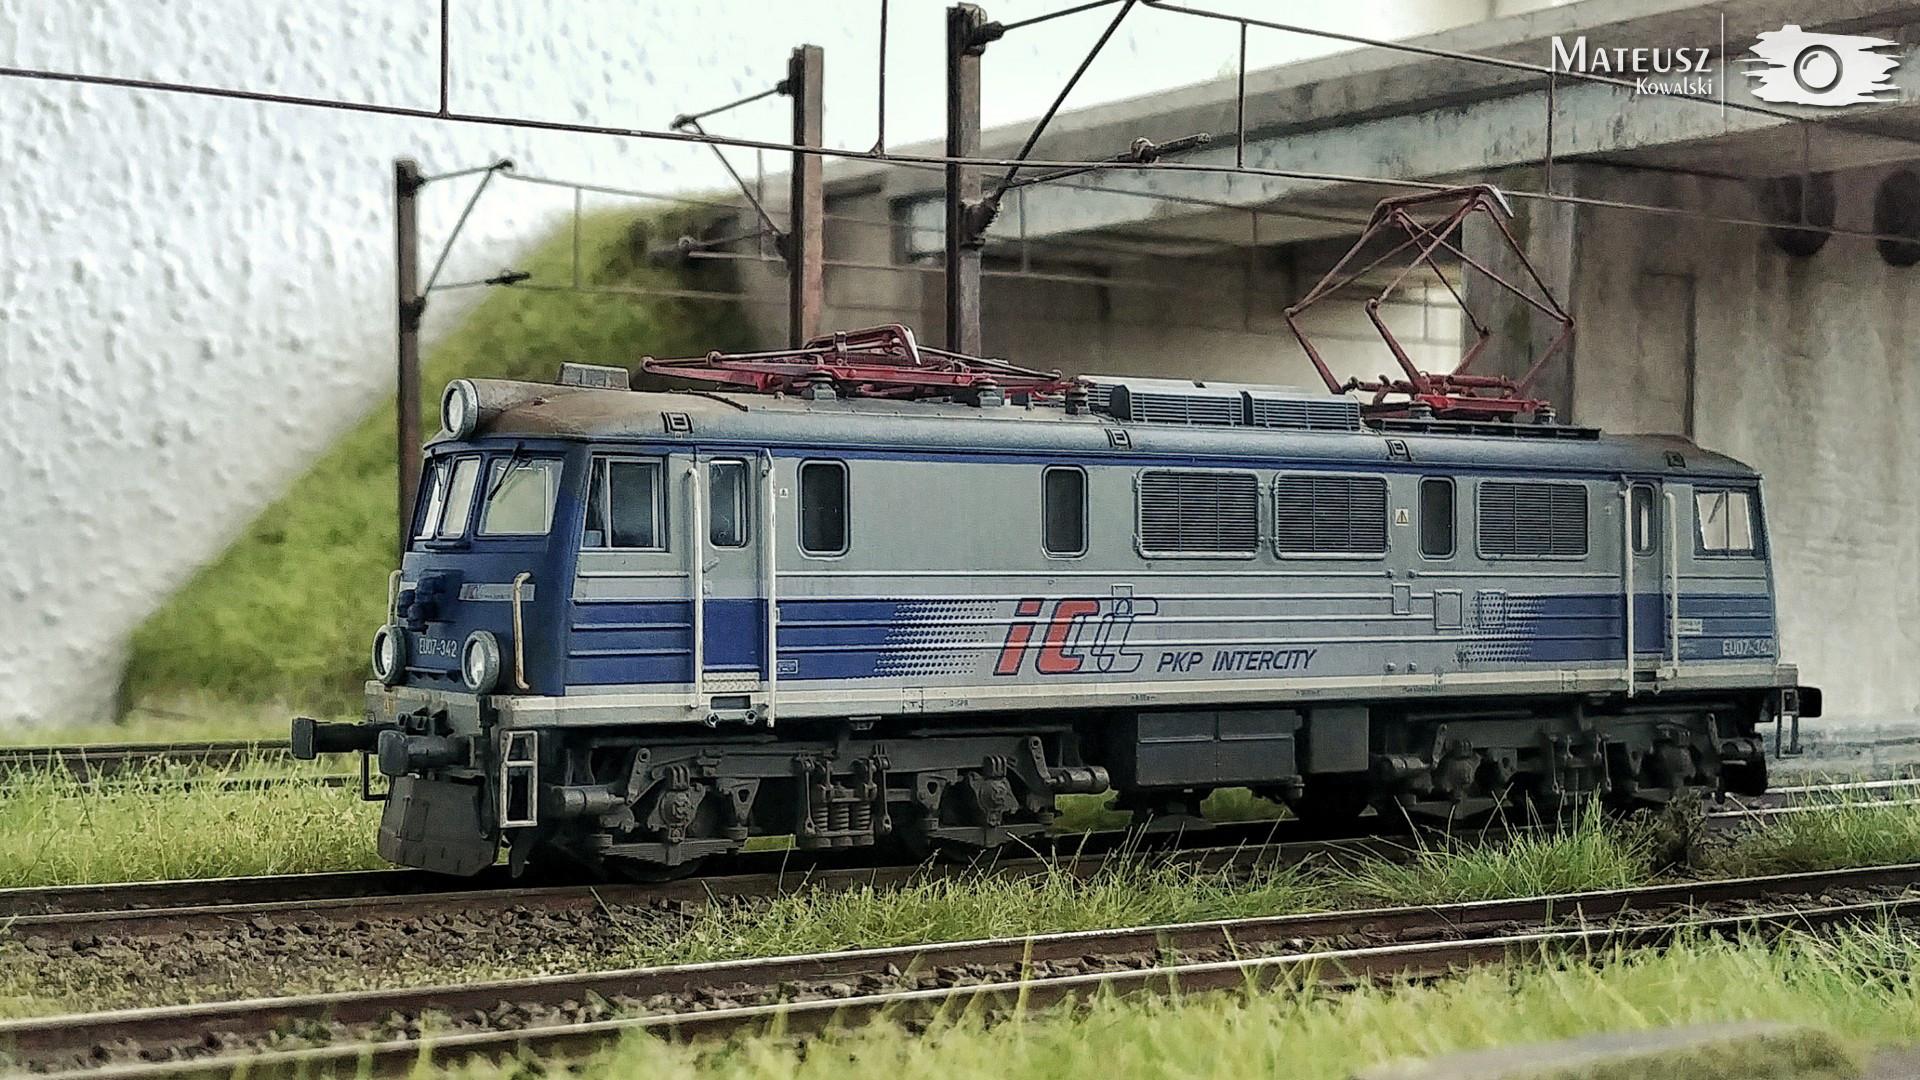 EU07-342.jpg